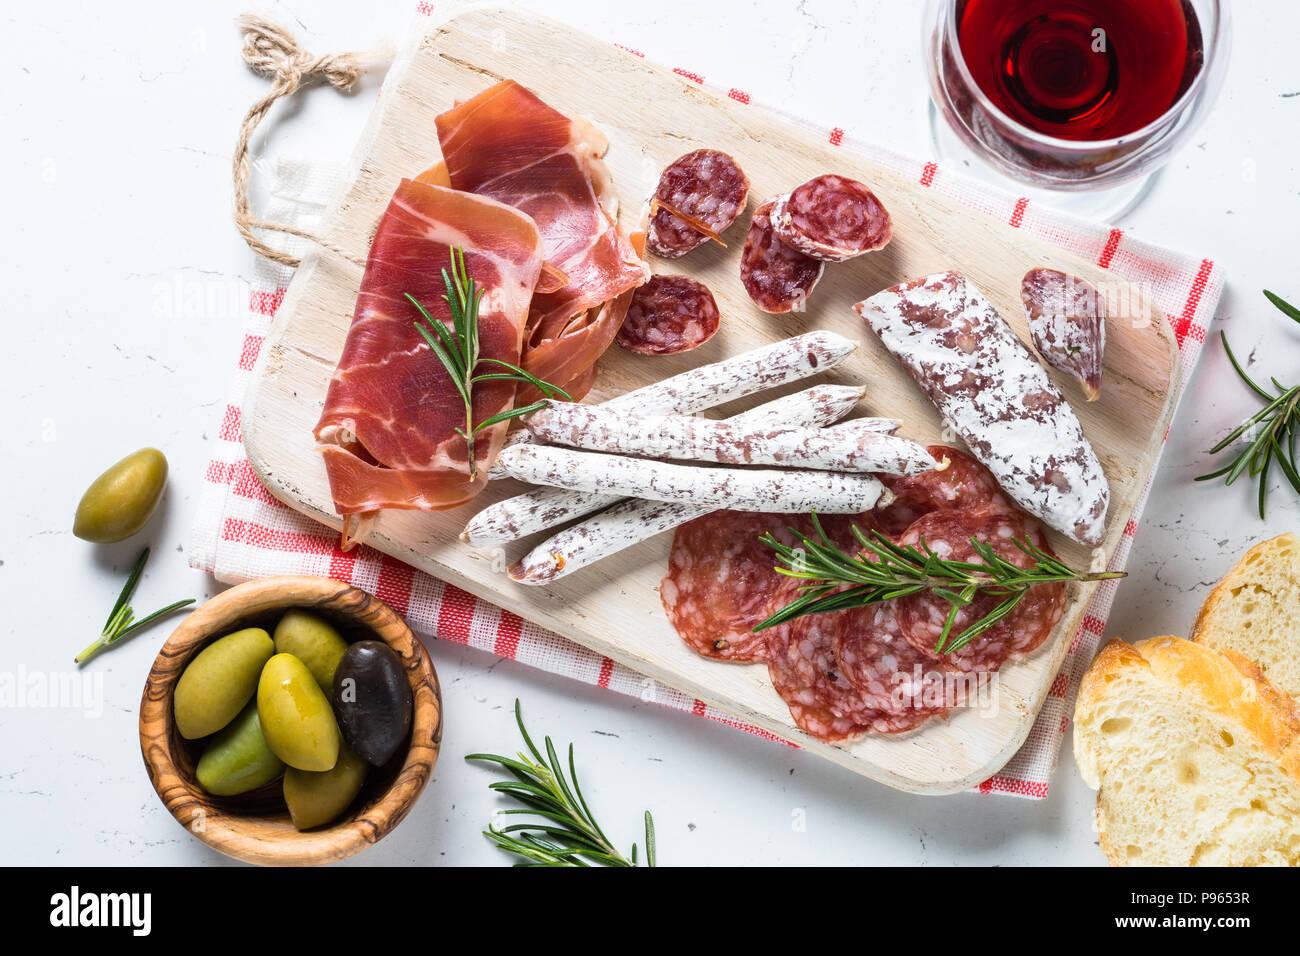 Antipasti. Traditionelle italienische Antipasti, geschnittenes Fleisch, Vorspeisen auf Holz Schneidebrett auf weißer Tisch. Ansicht von oben. Stockbild